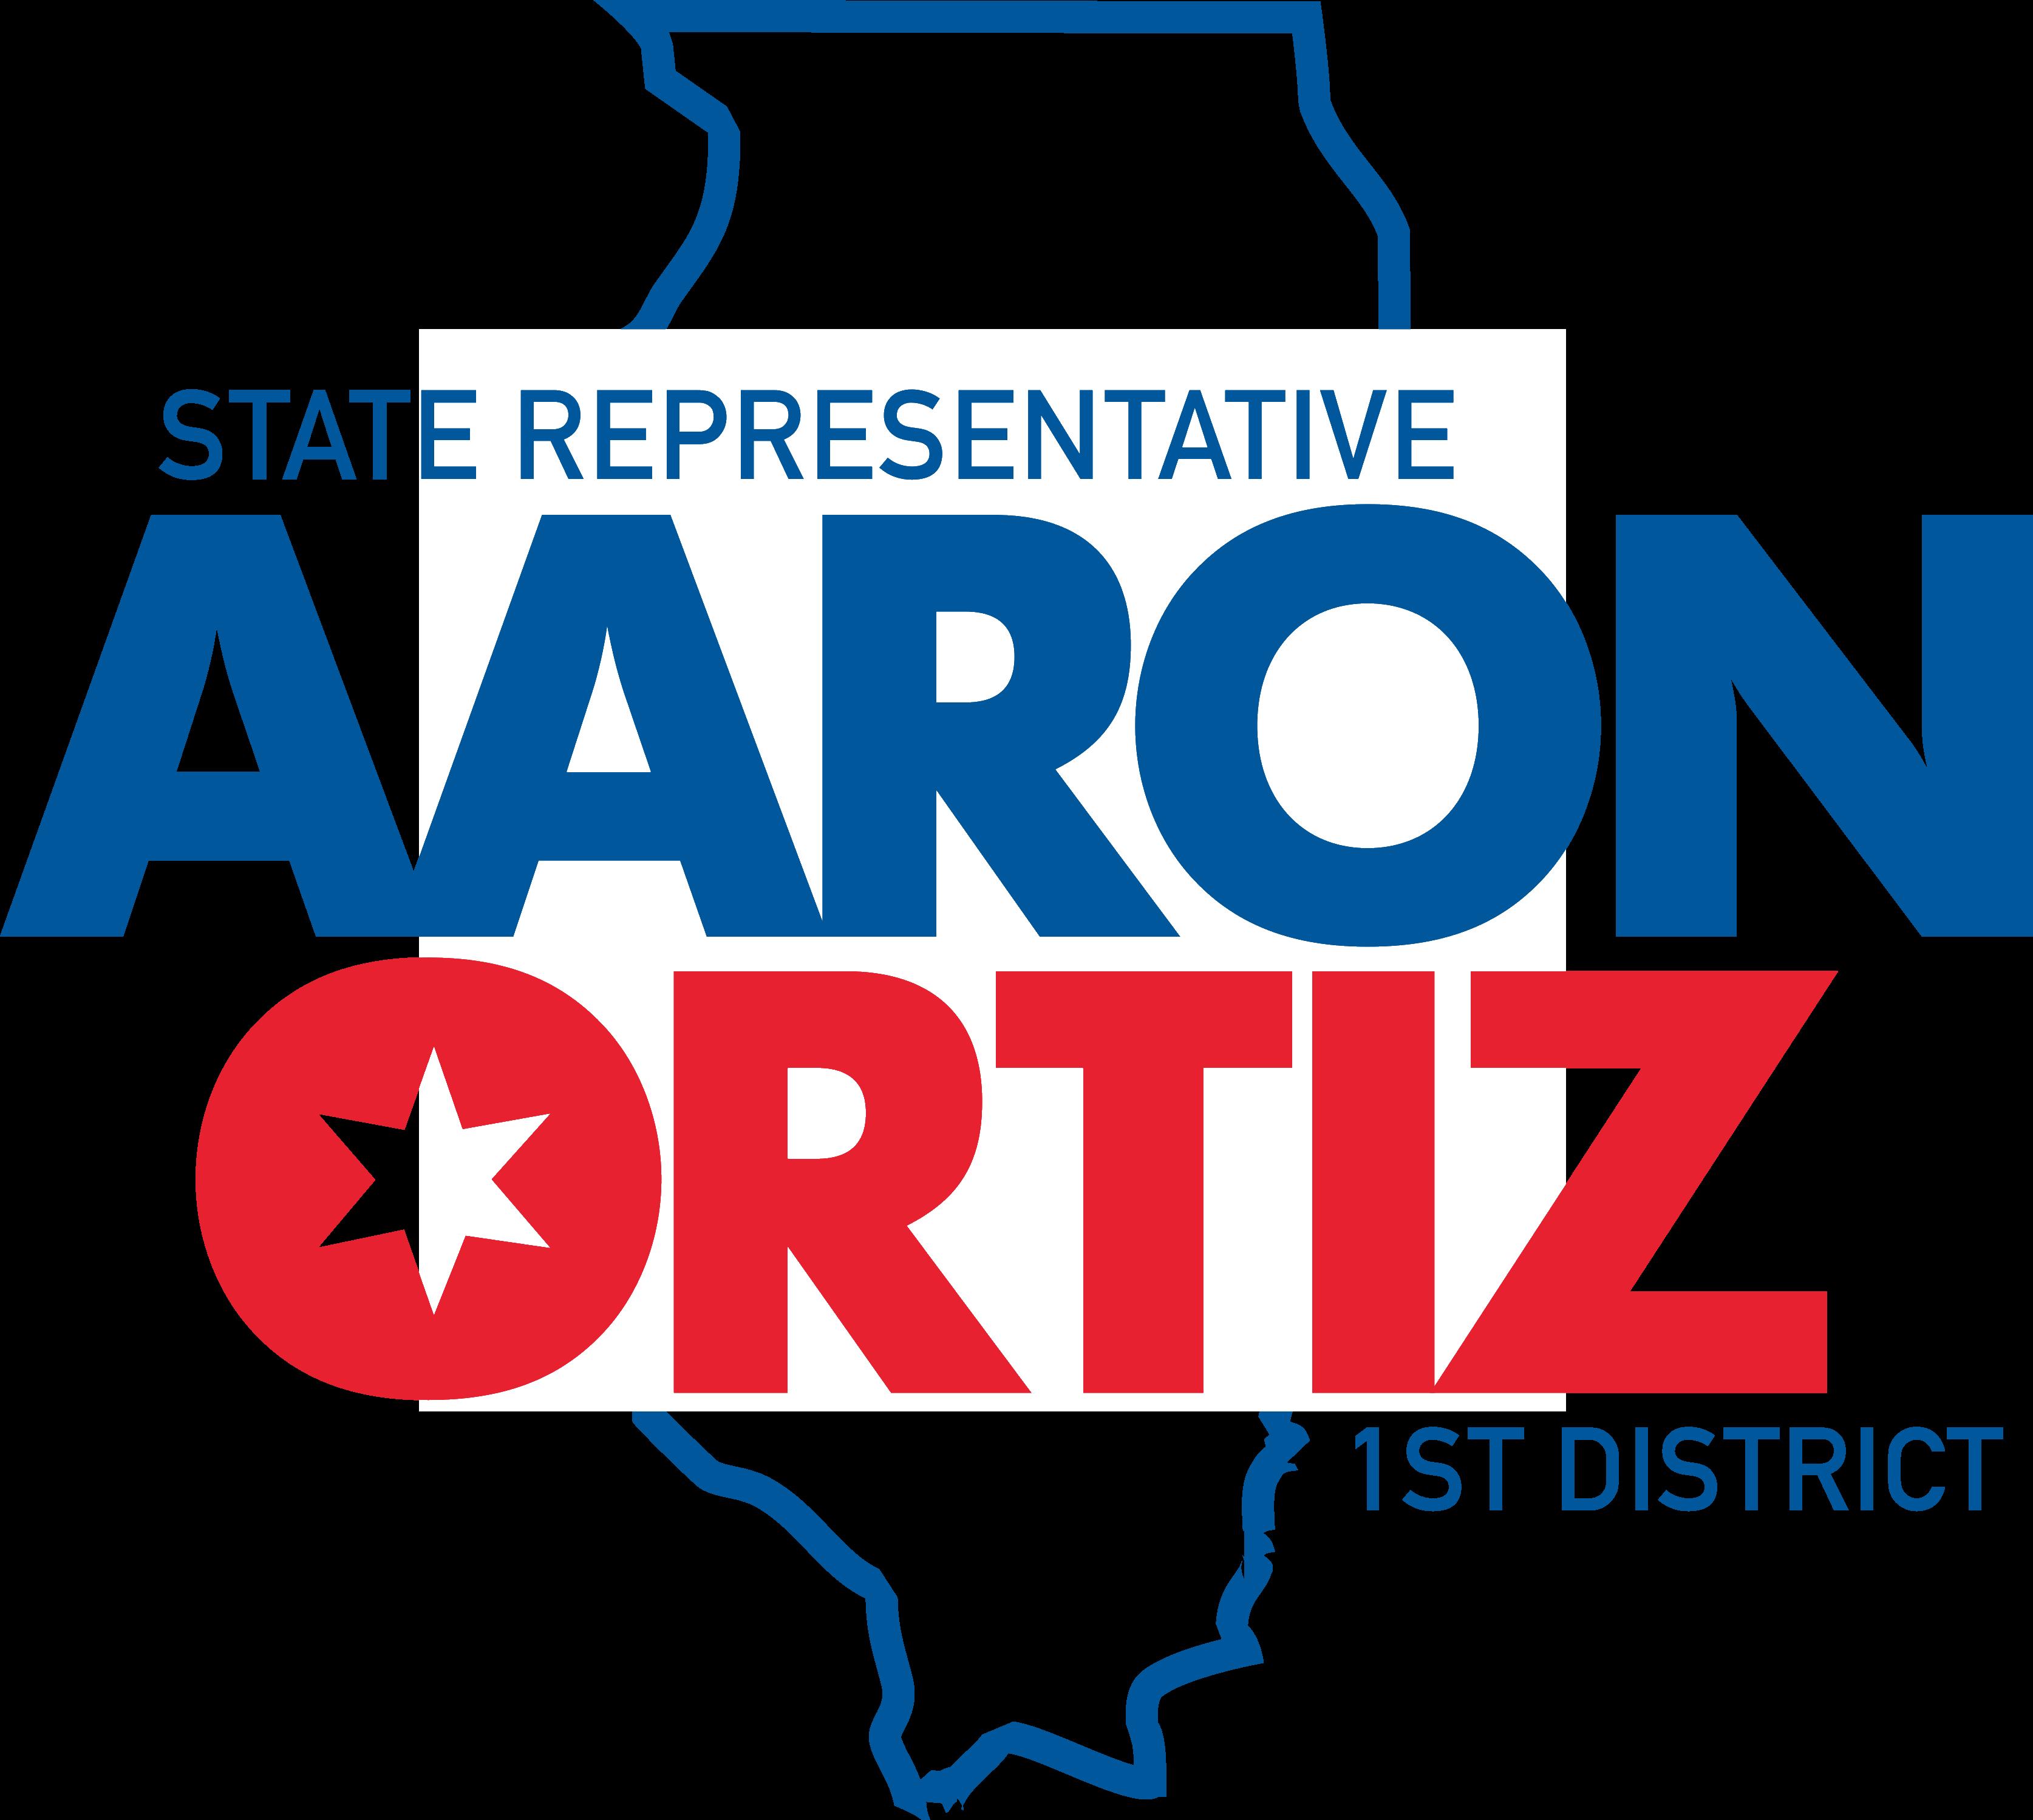 Aaron Ortiz